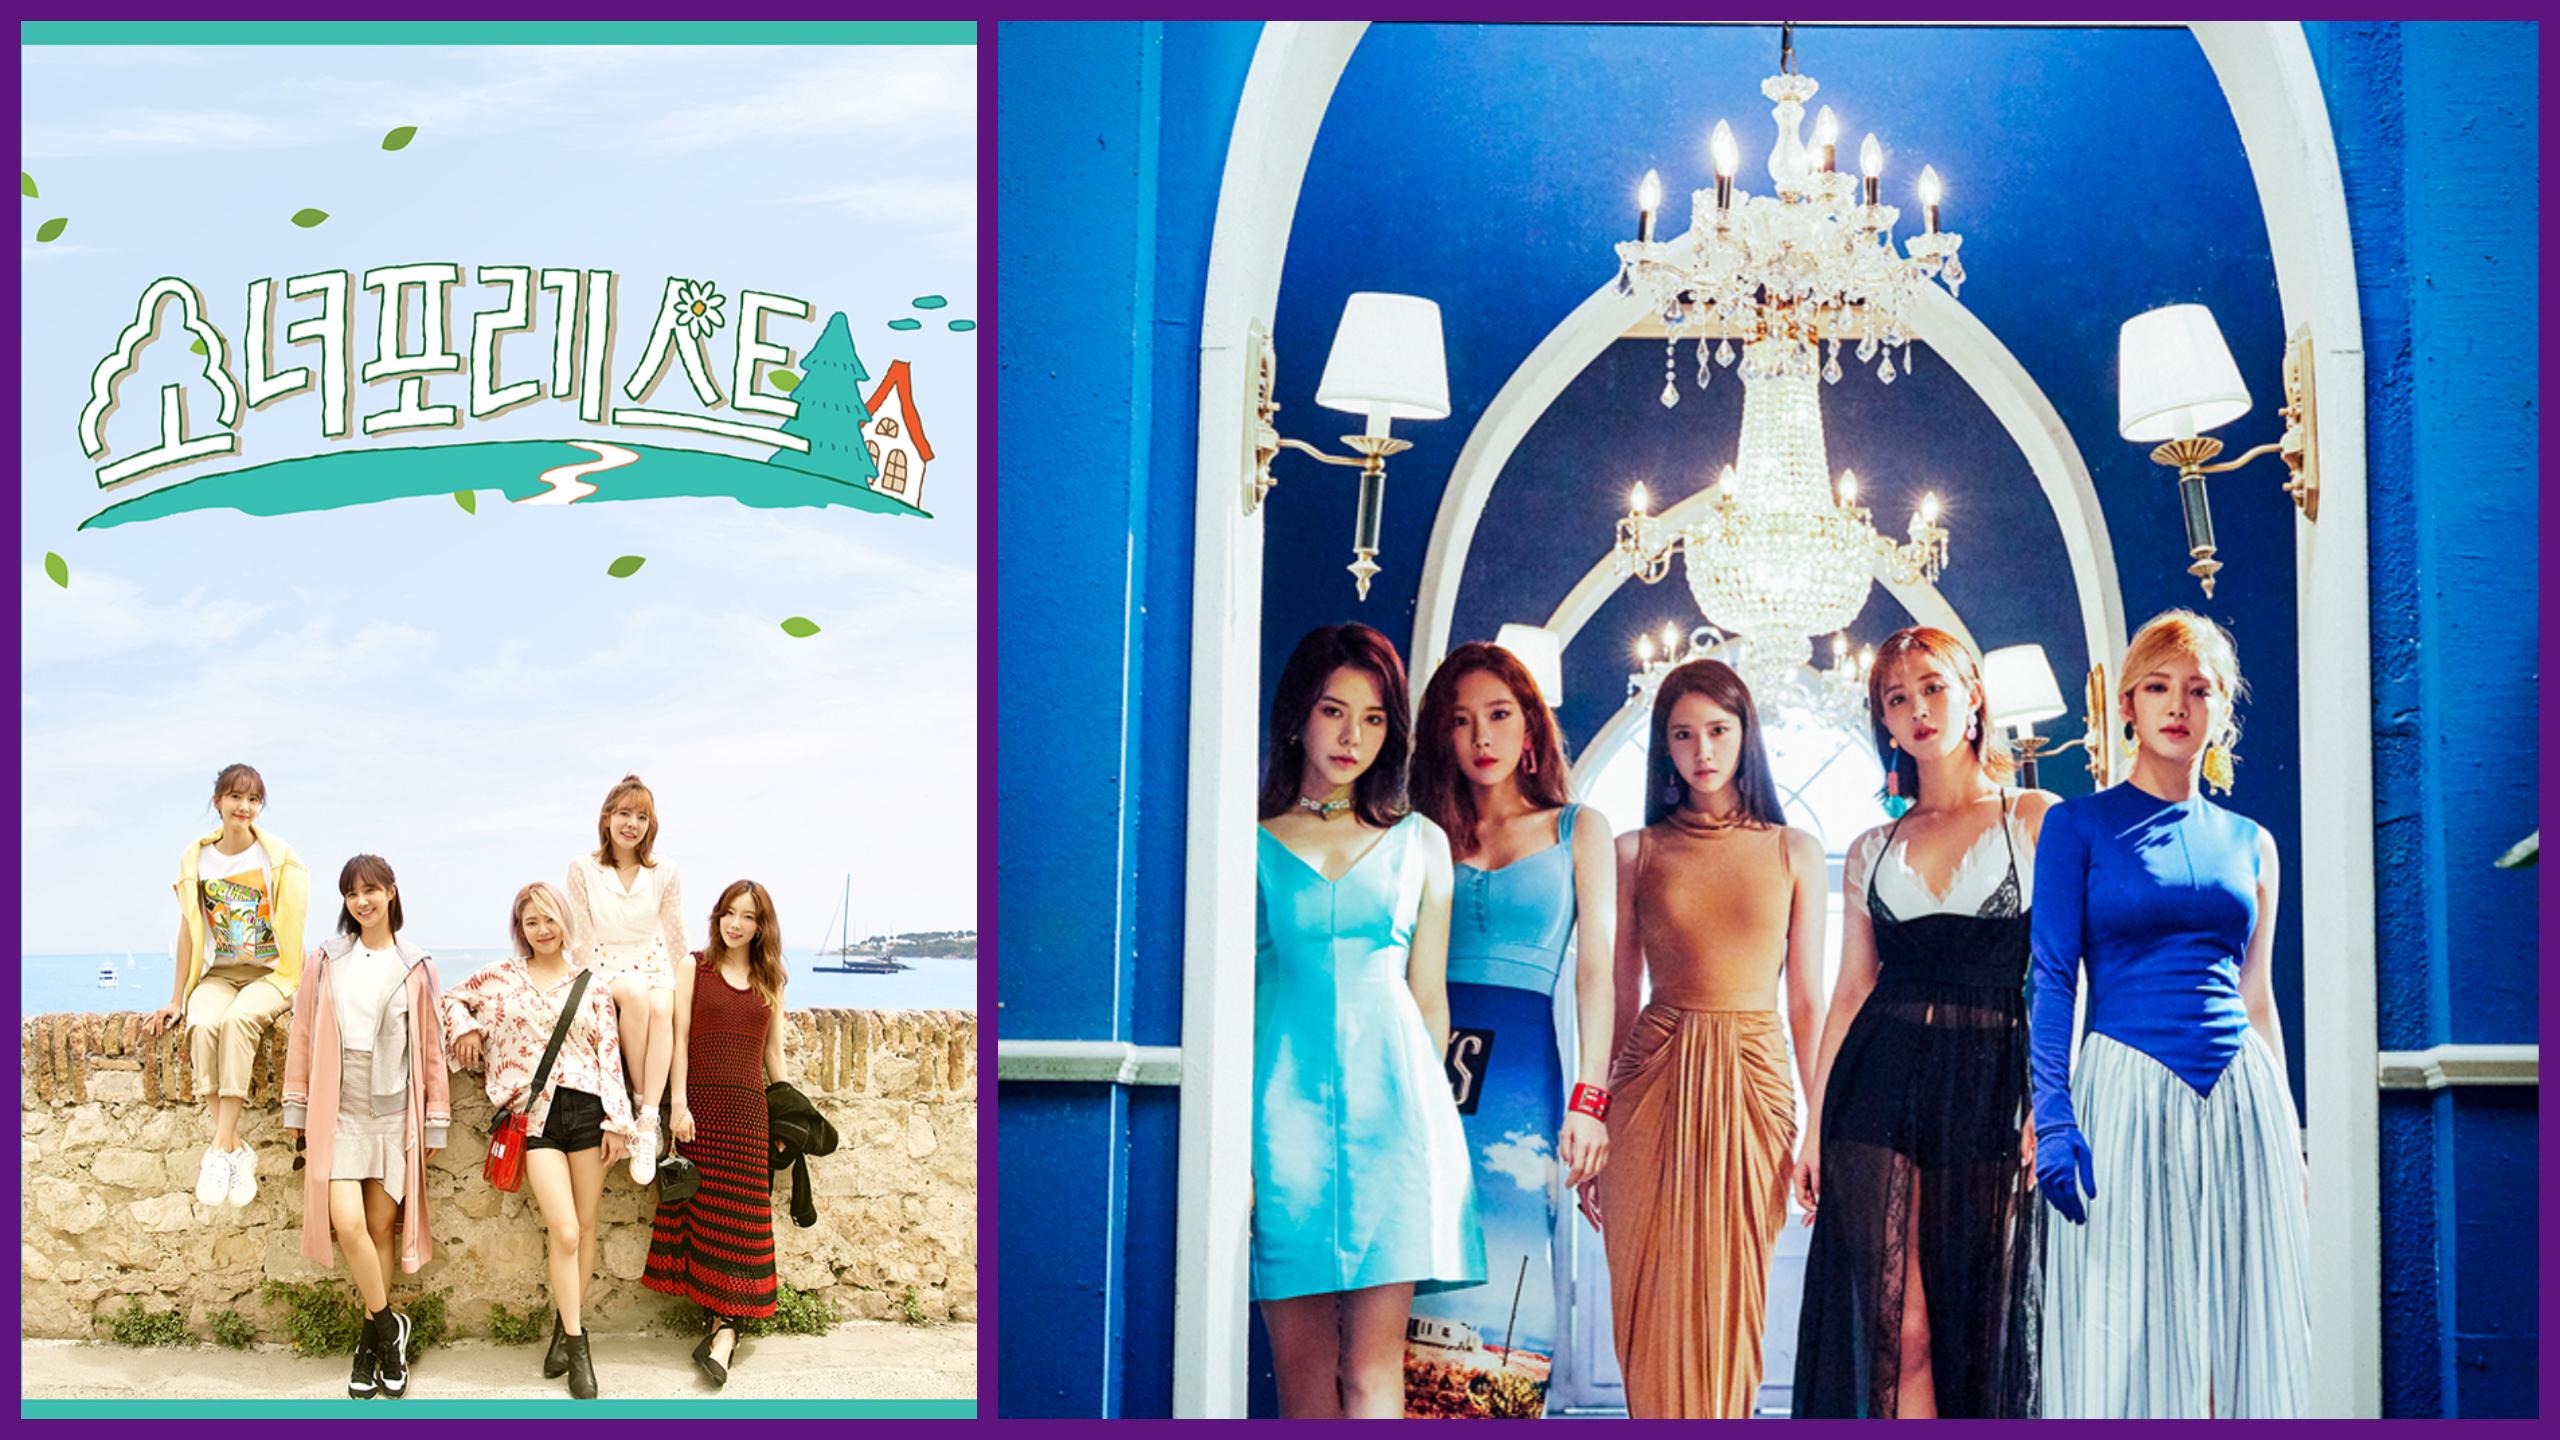 Imágenes de Girl's Generation son propiedad de SM Entertaiment, utilizadas únicamente con fines informativos.